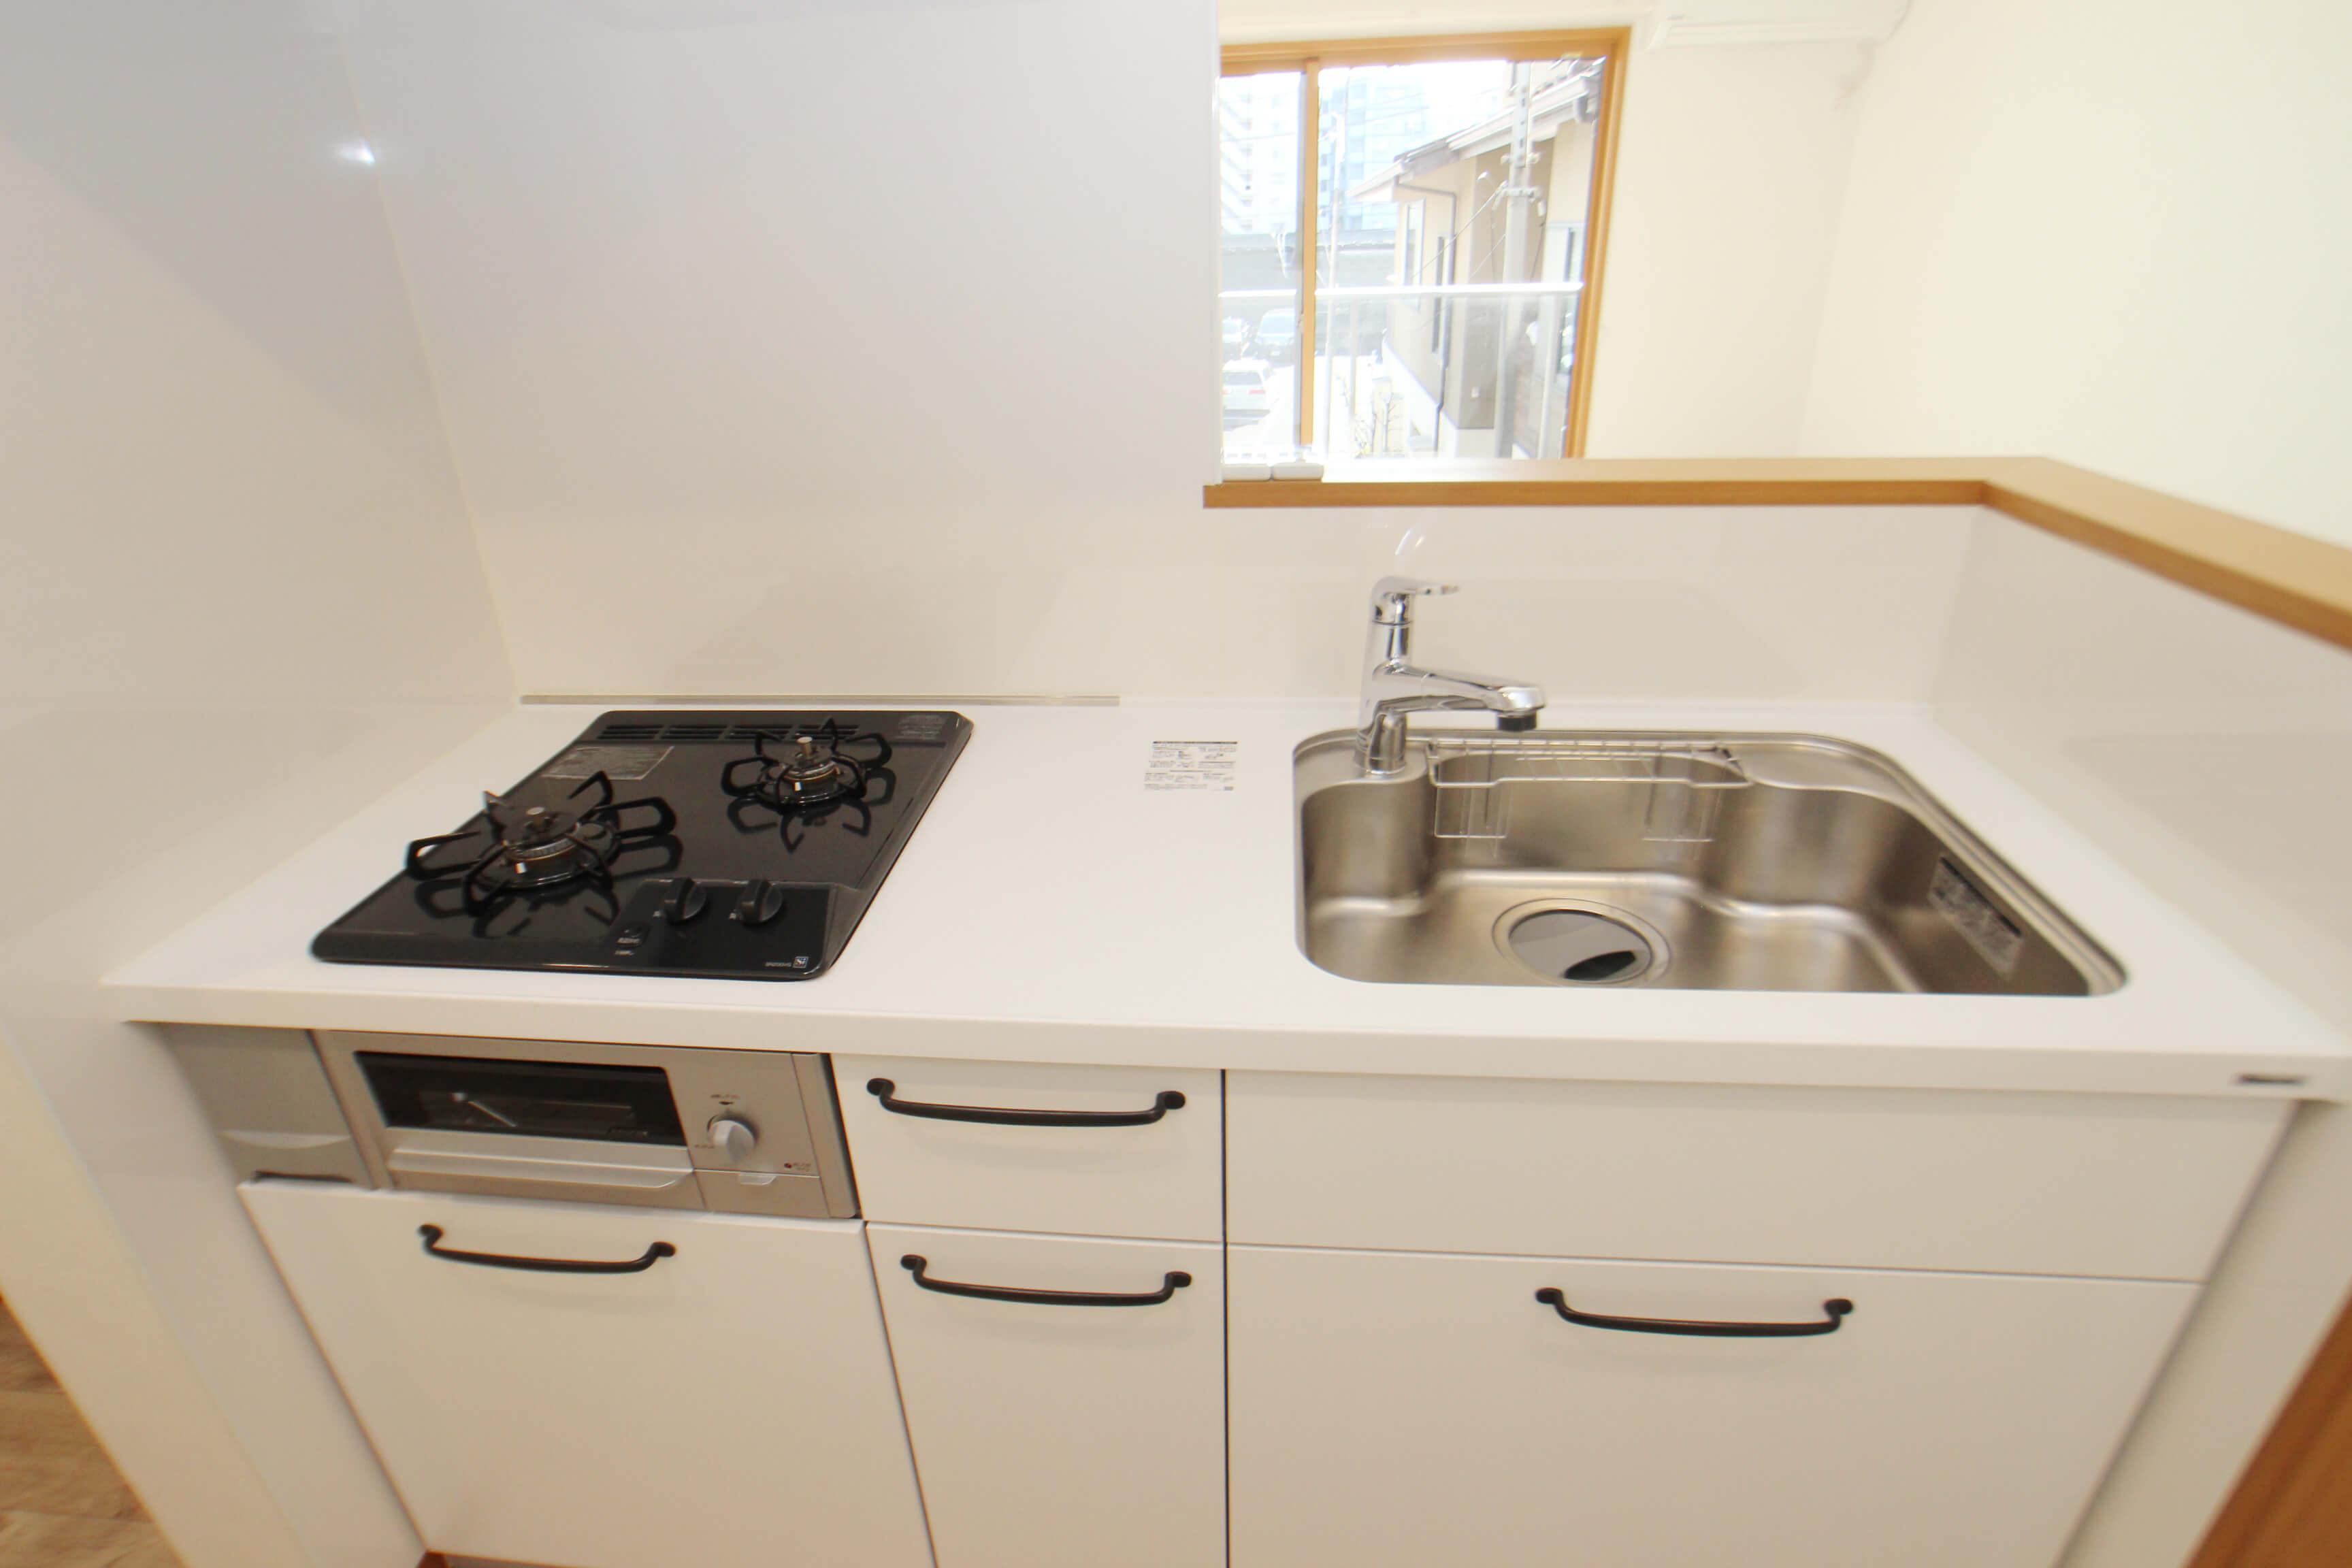 シンクは広め。ガスコンロ+魚焼きグリルあります。充実のキッチンですにゃ。